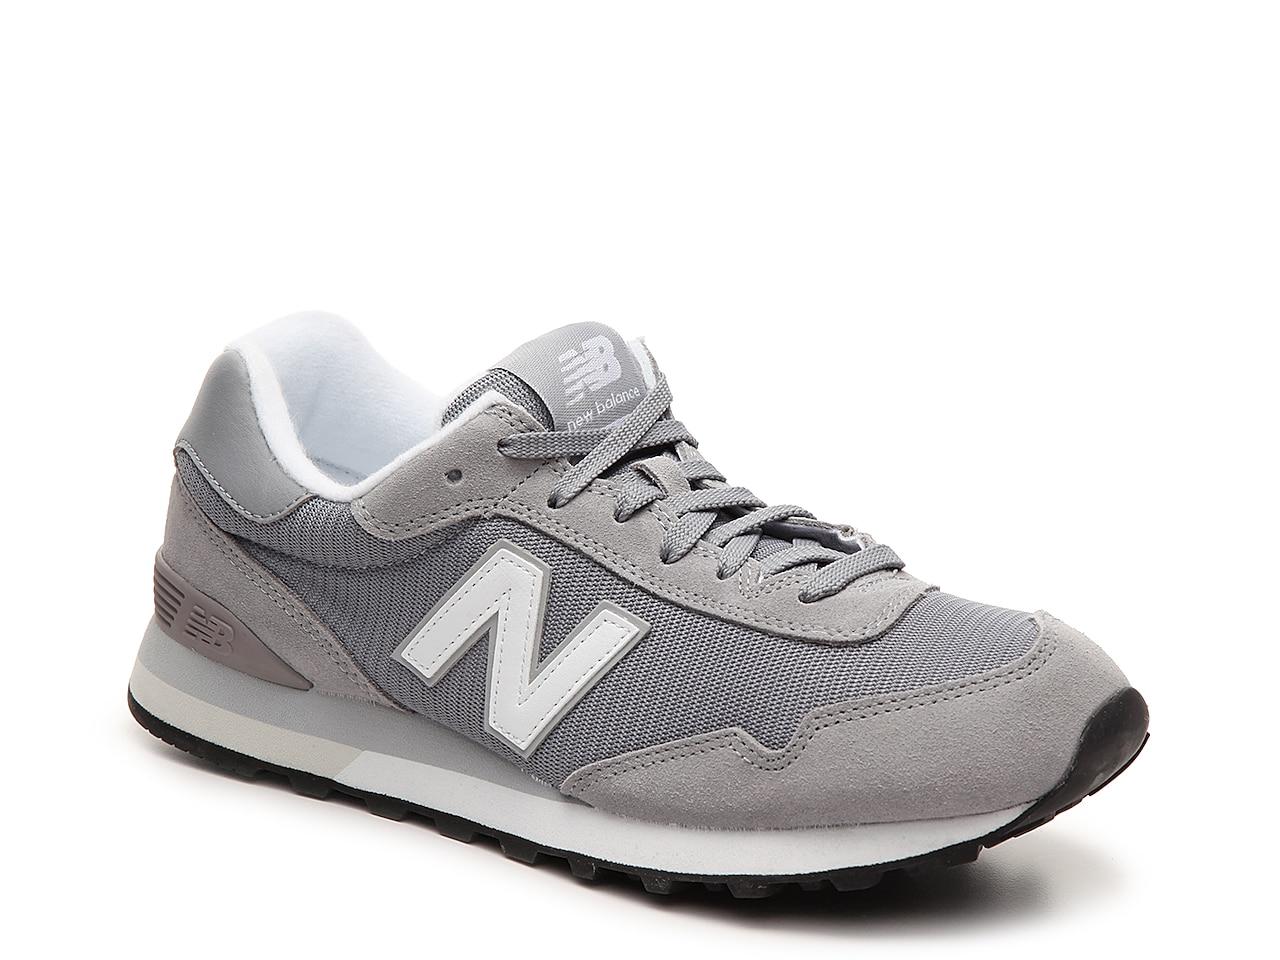 515 Sneaker - Men's